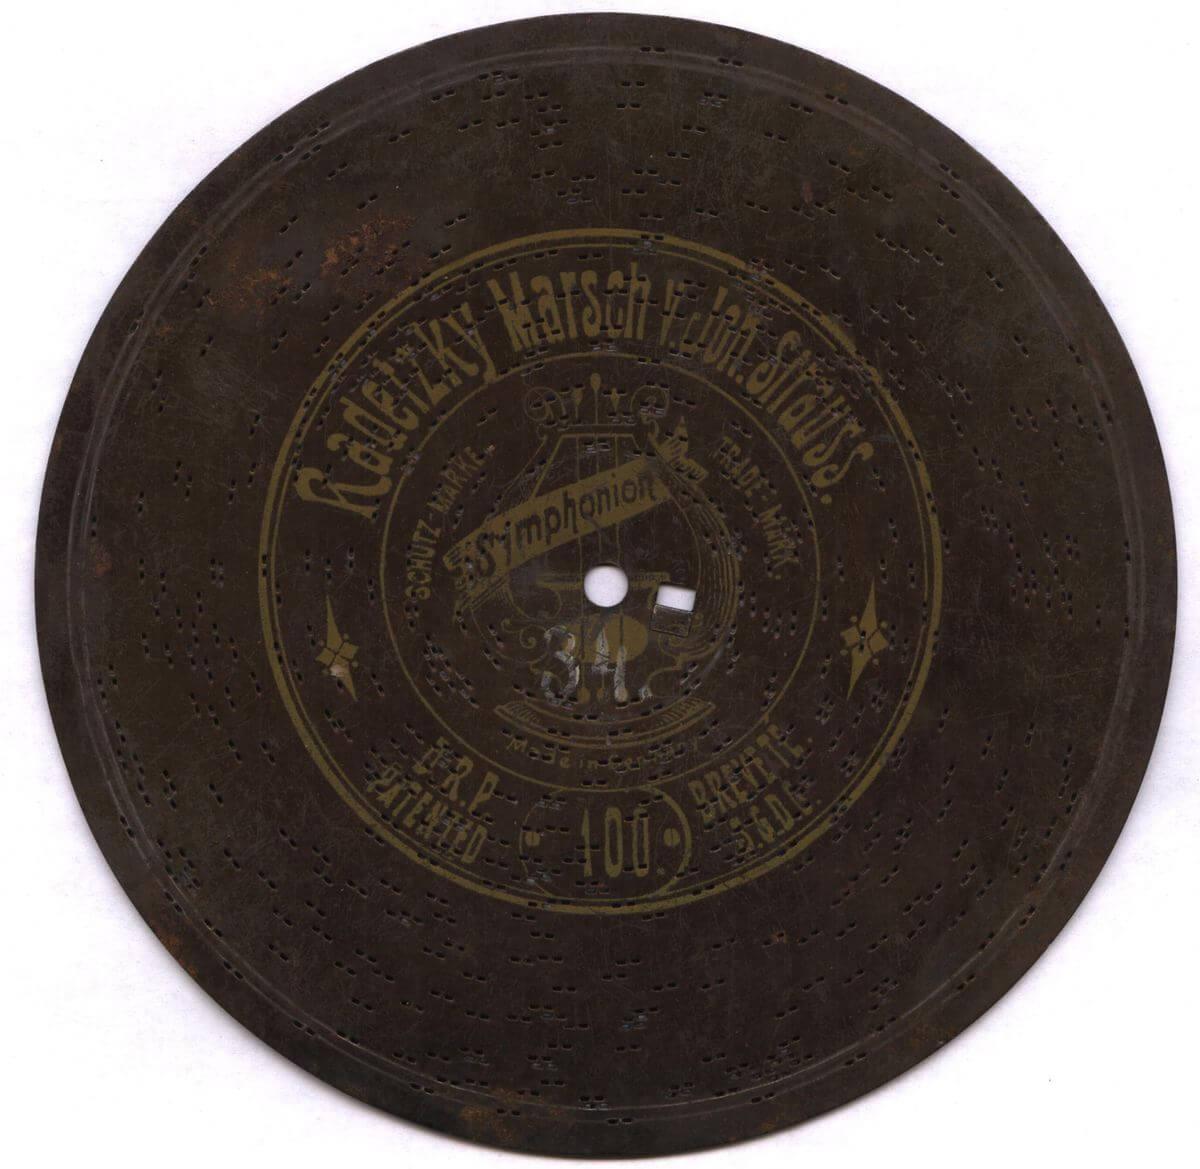 АОКМ КП-12577-34 Пр.М-227 Программный диск для музыкальных автоматов типа 'Симфонион'